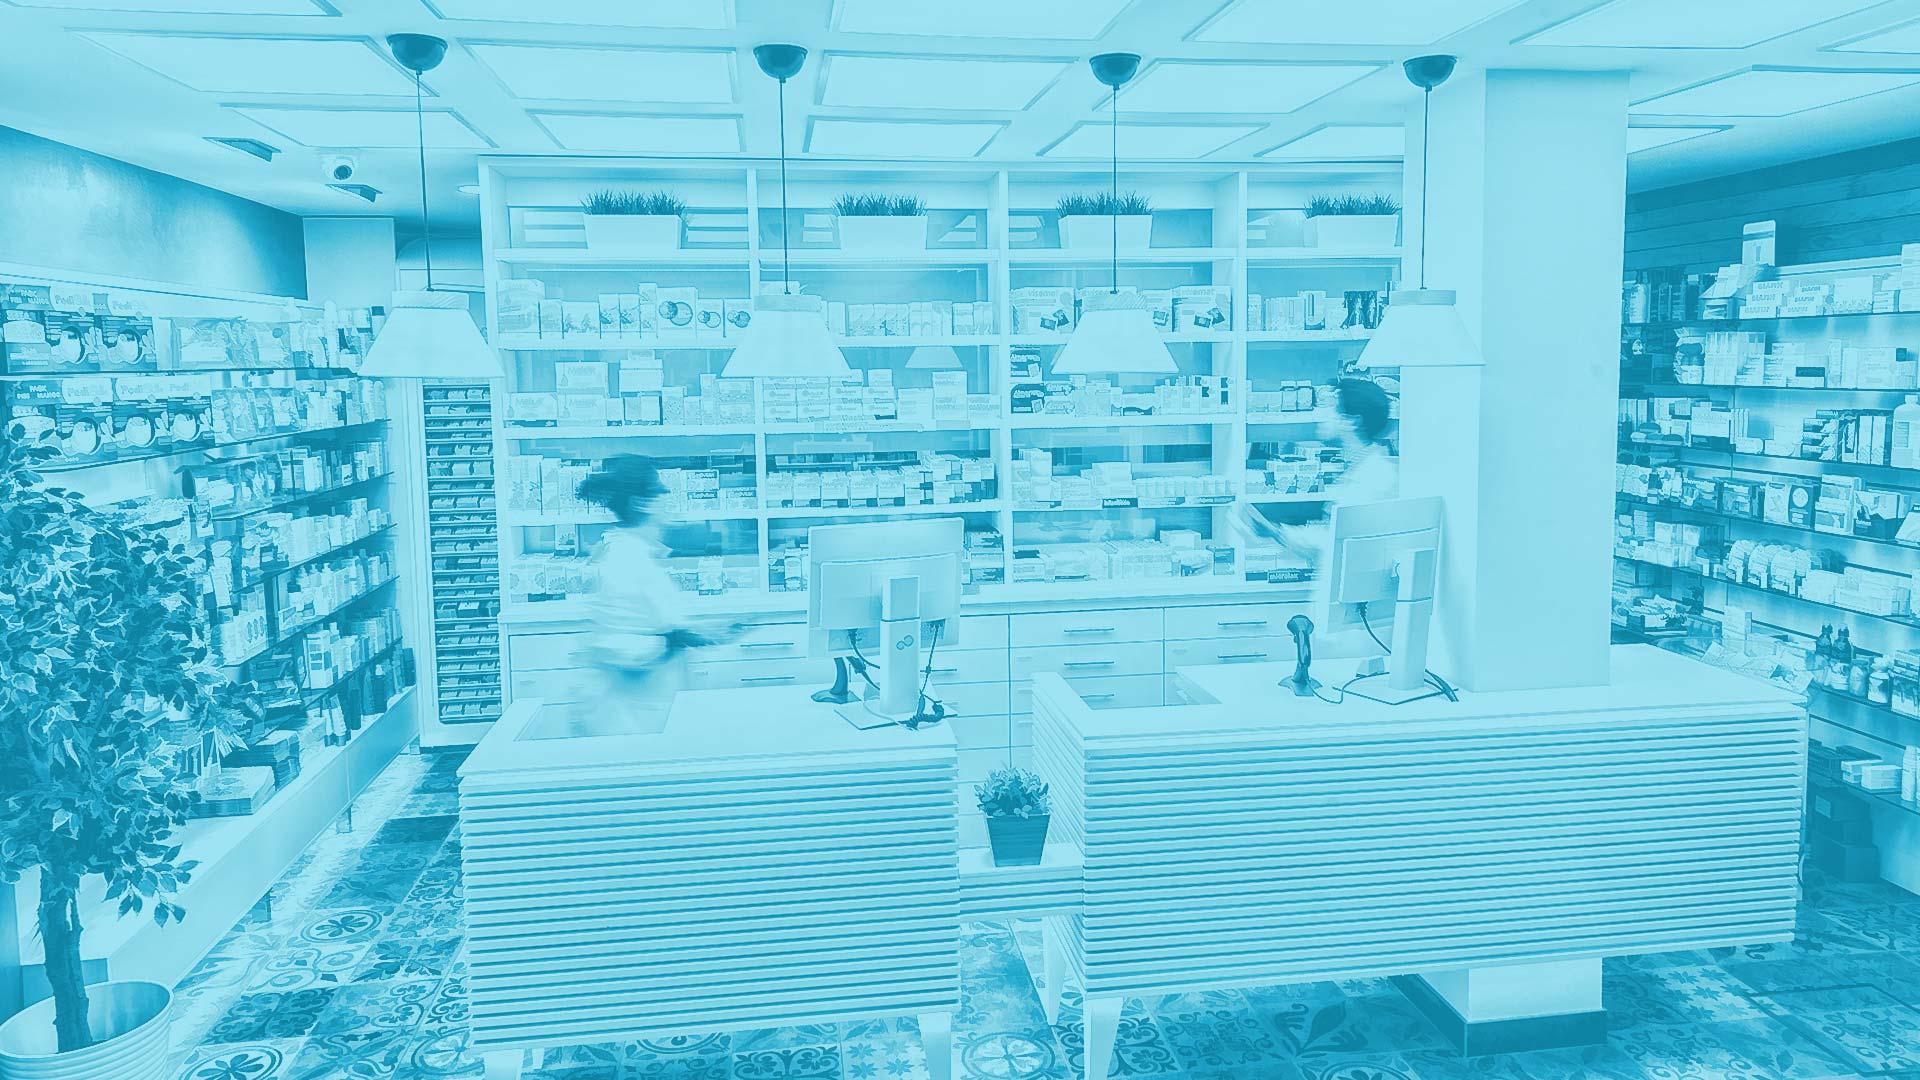 Bienvenue dans votre nouvelle pharmacie